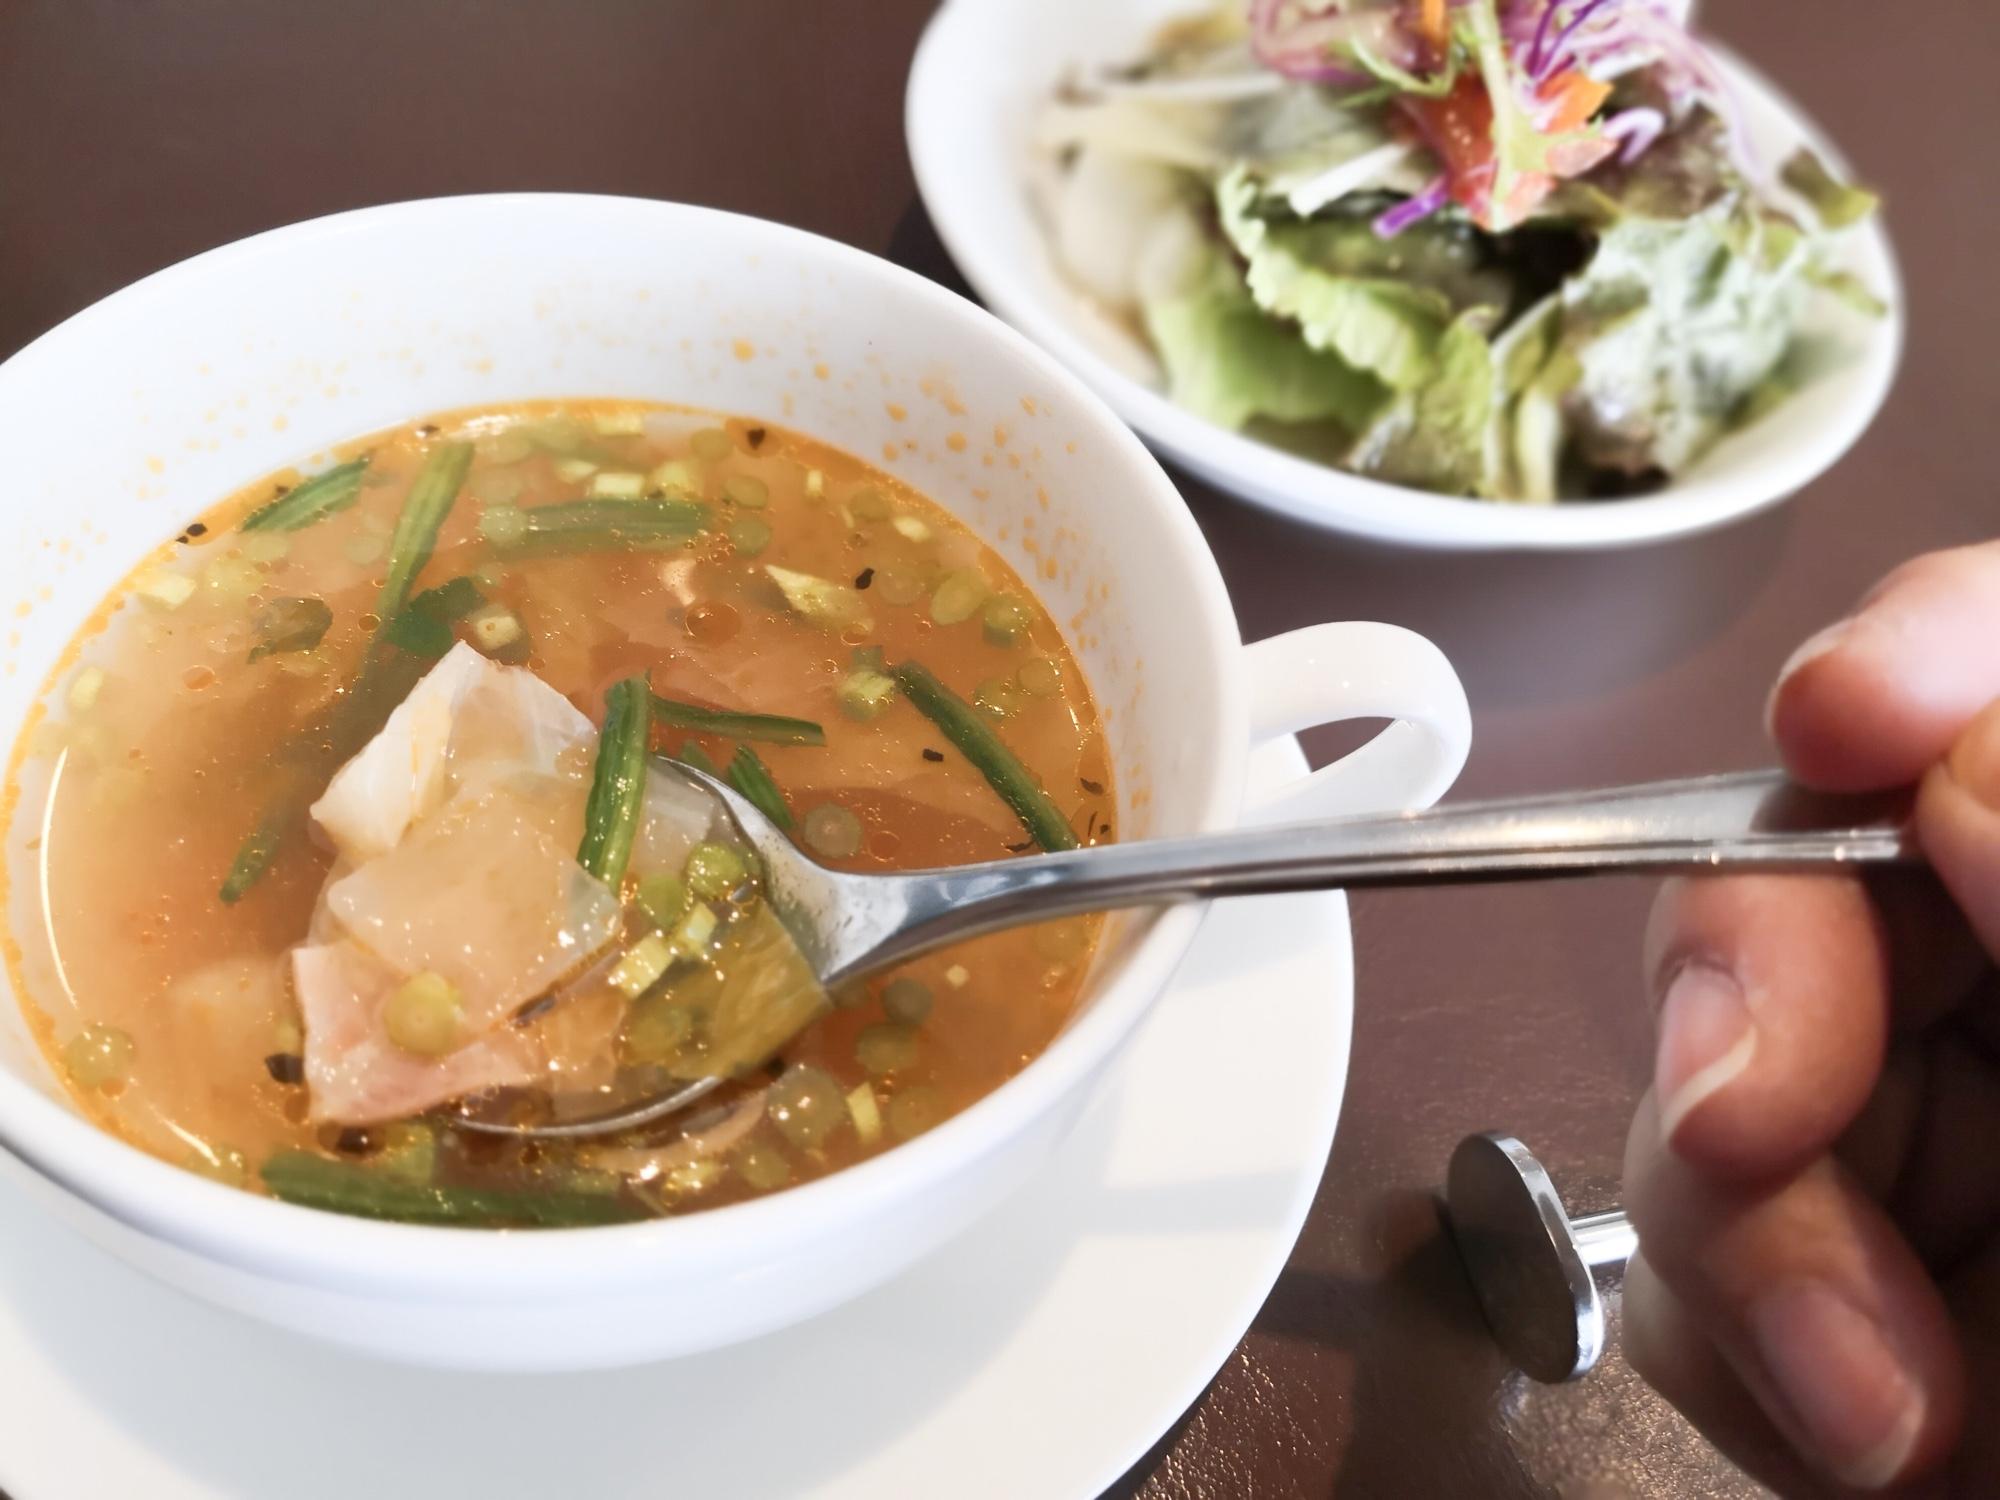 アメリカンクラブハウス スペアリブランチのスープとサラダ